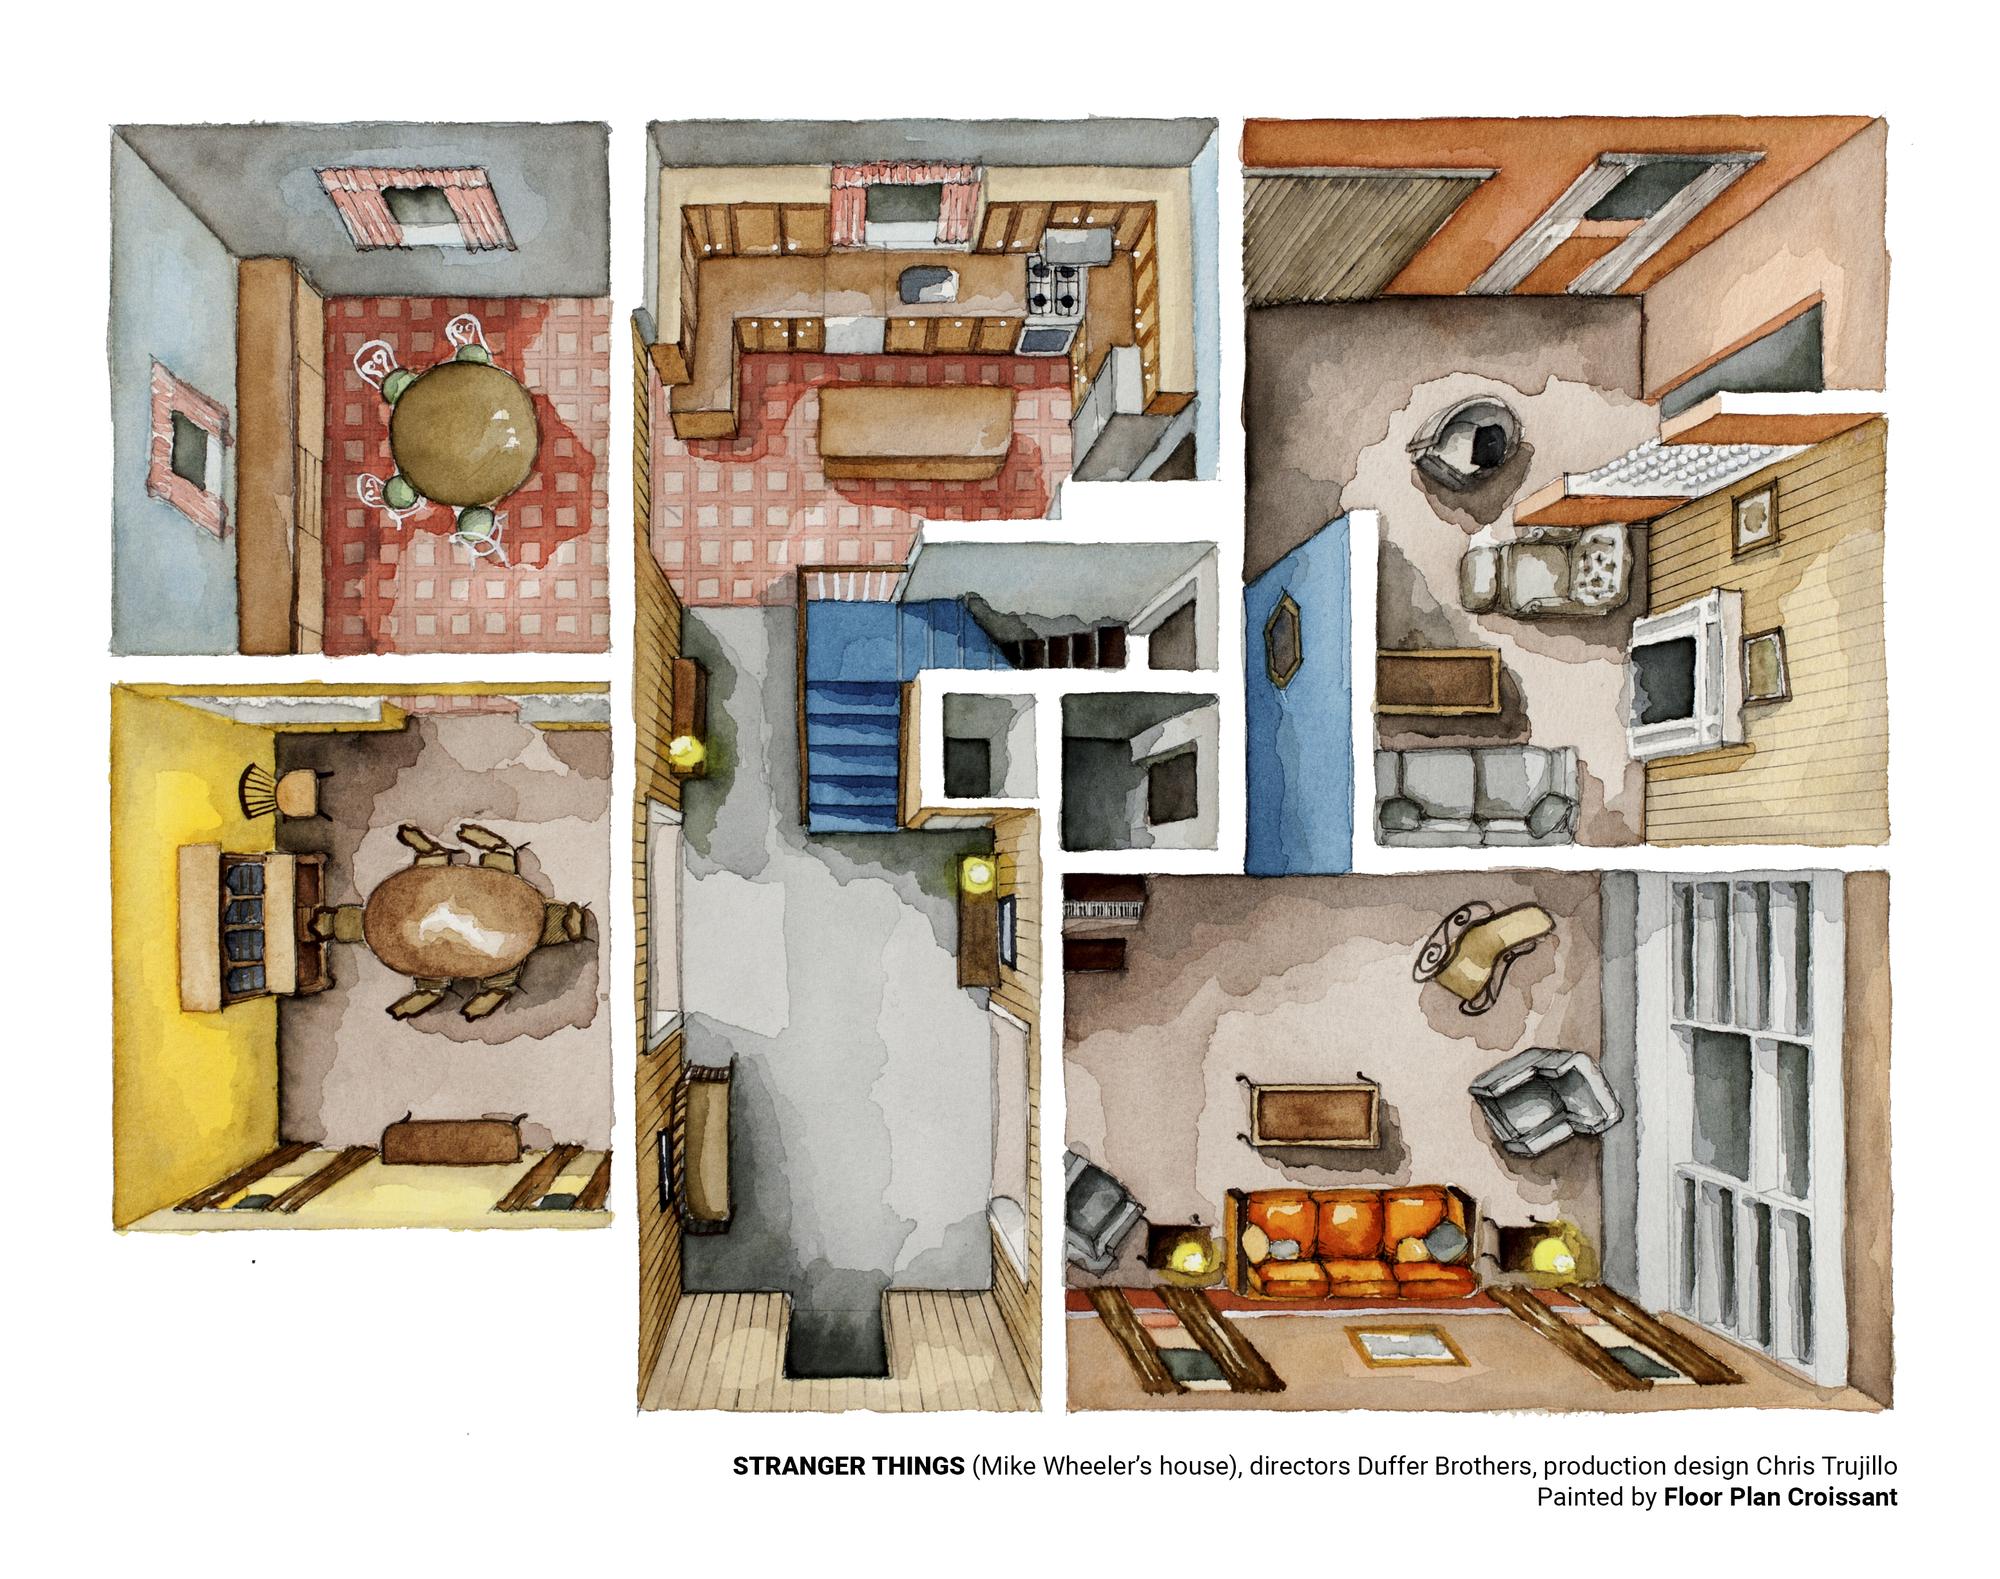 Coffee Shop Floor Plan Gallery Of Stranger Things Rendered In Amazing Plans 2